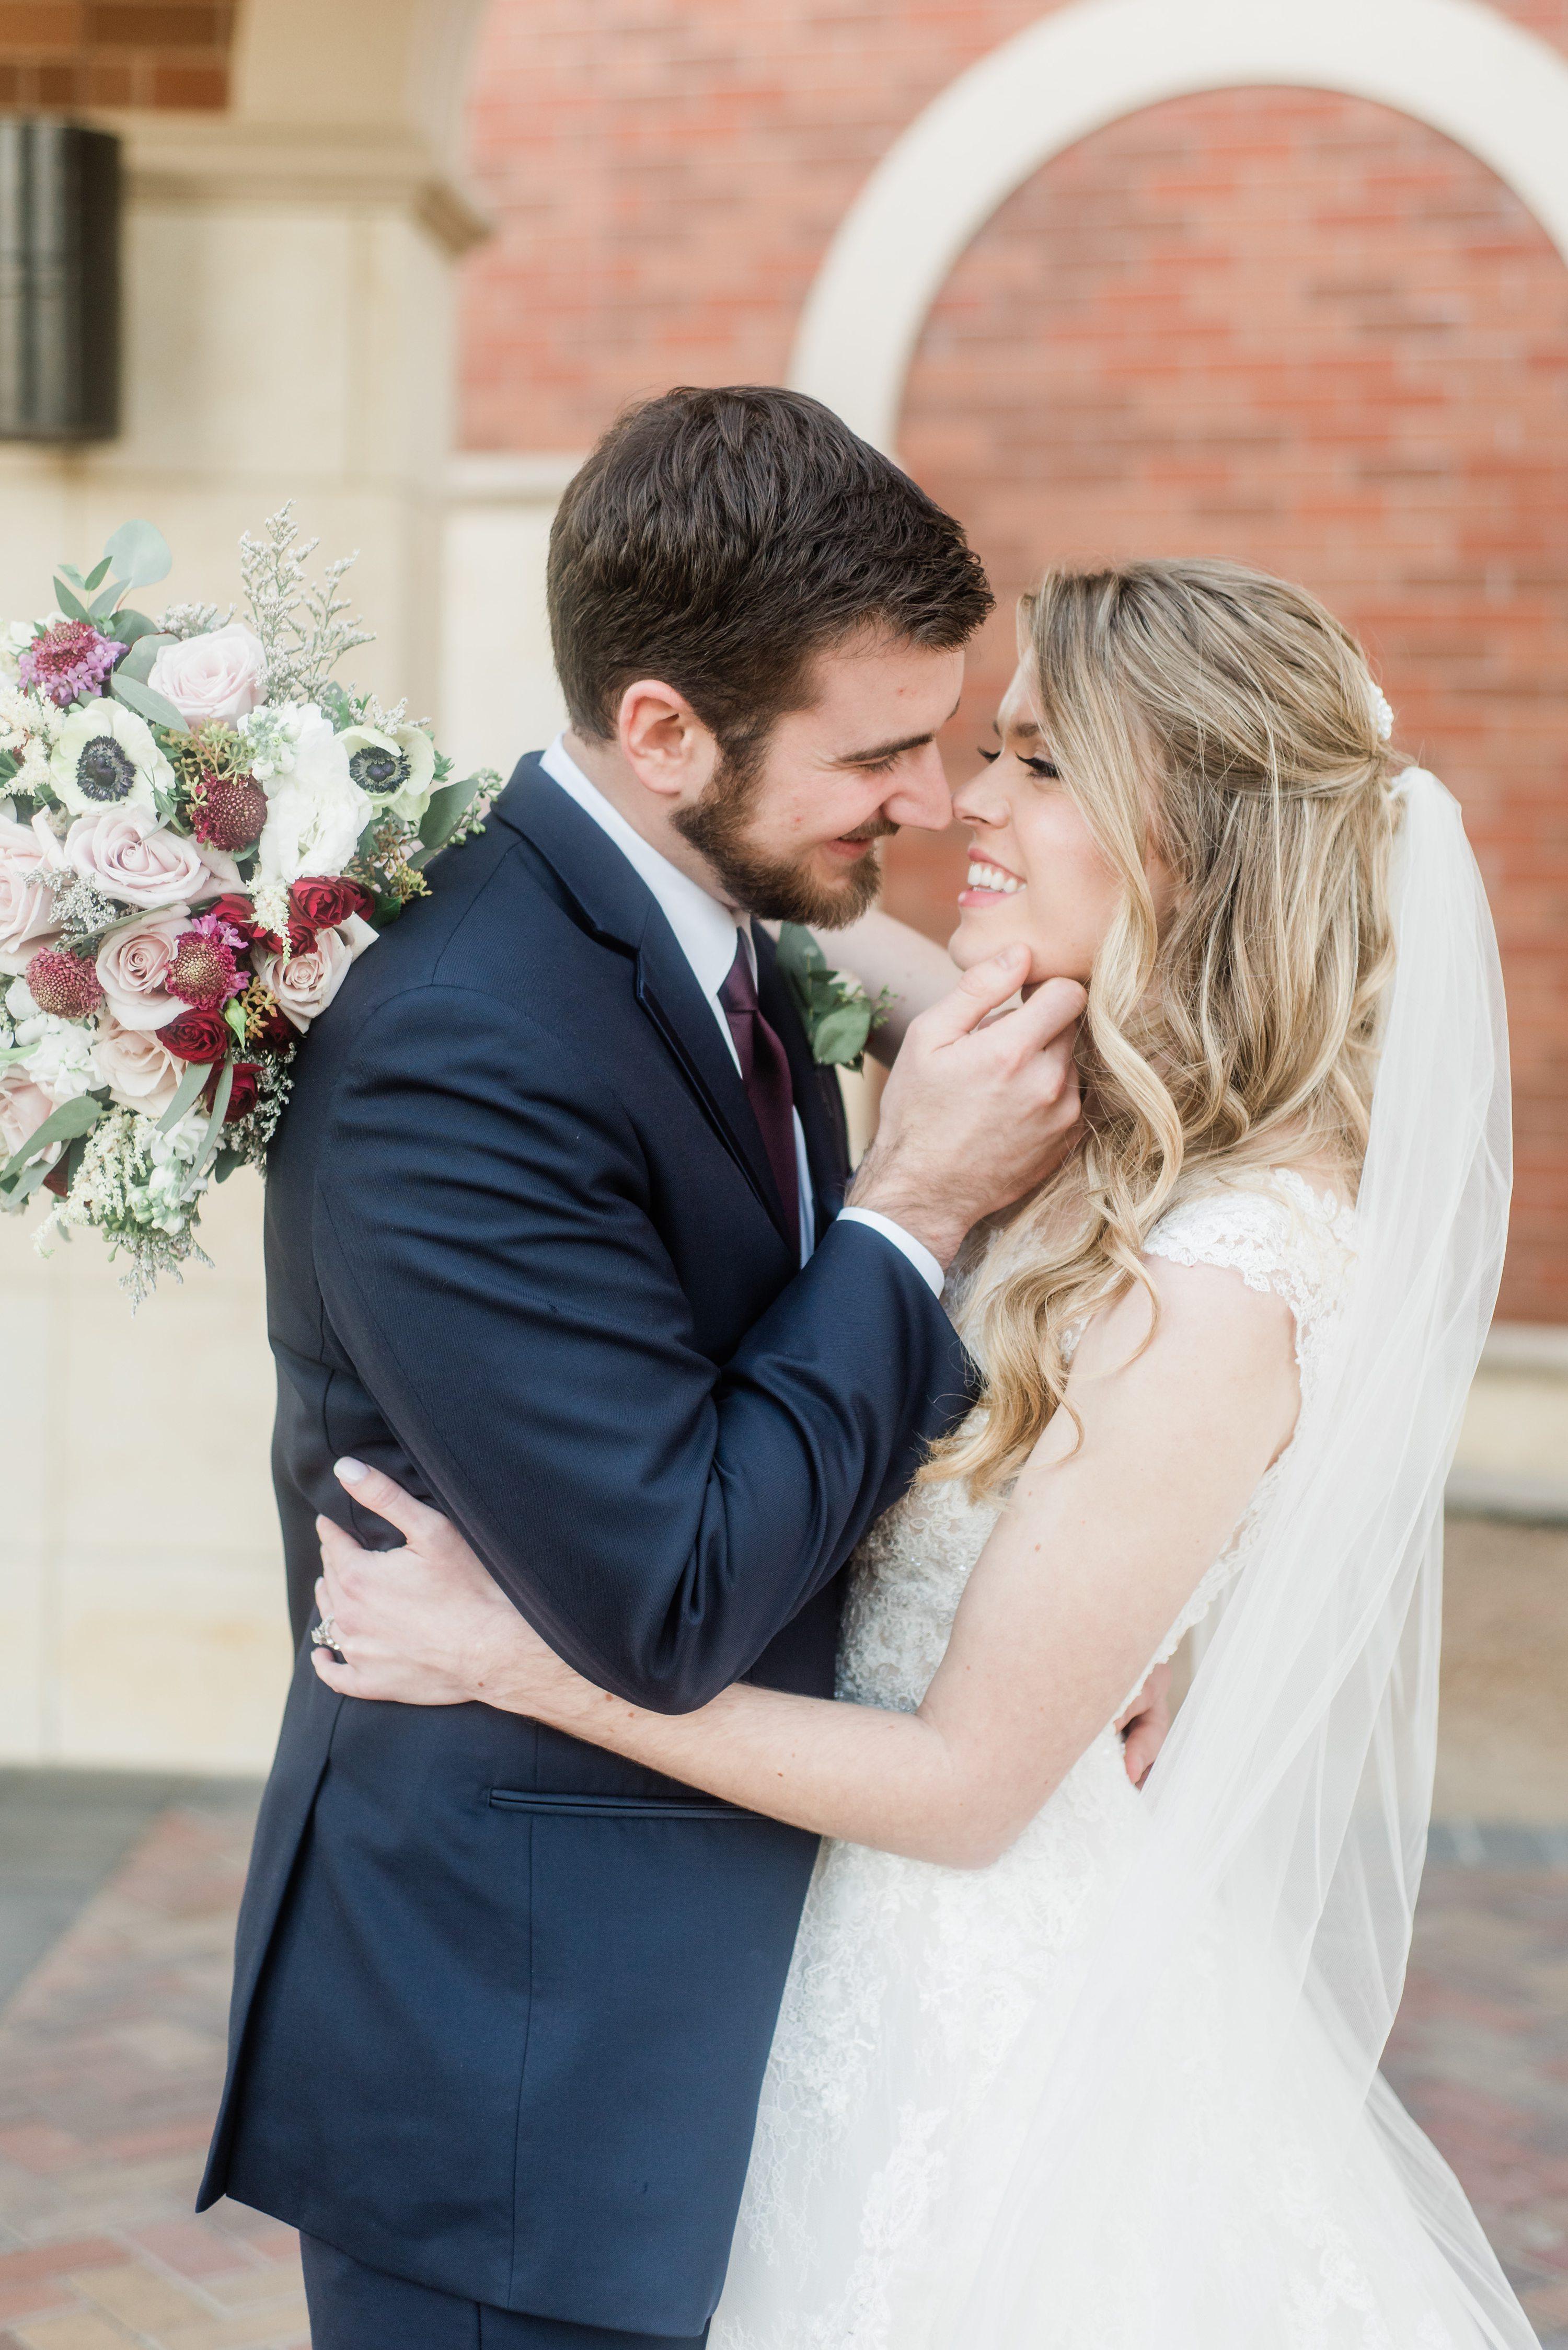 TX,Husband & Wife Team